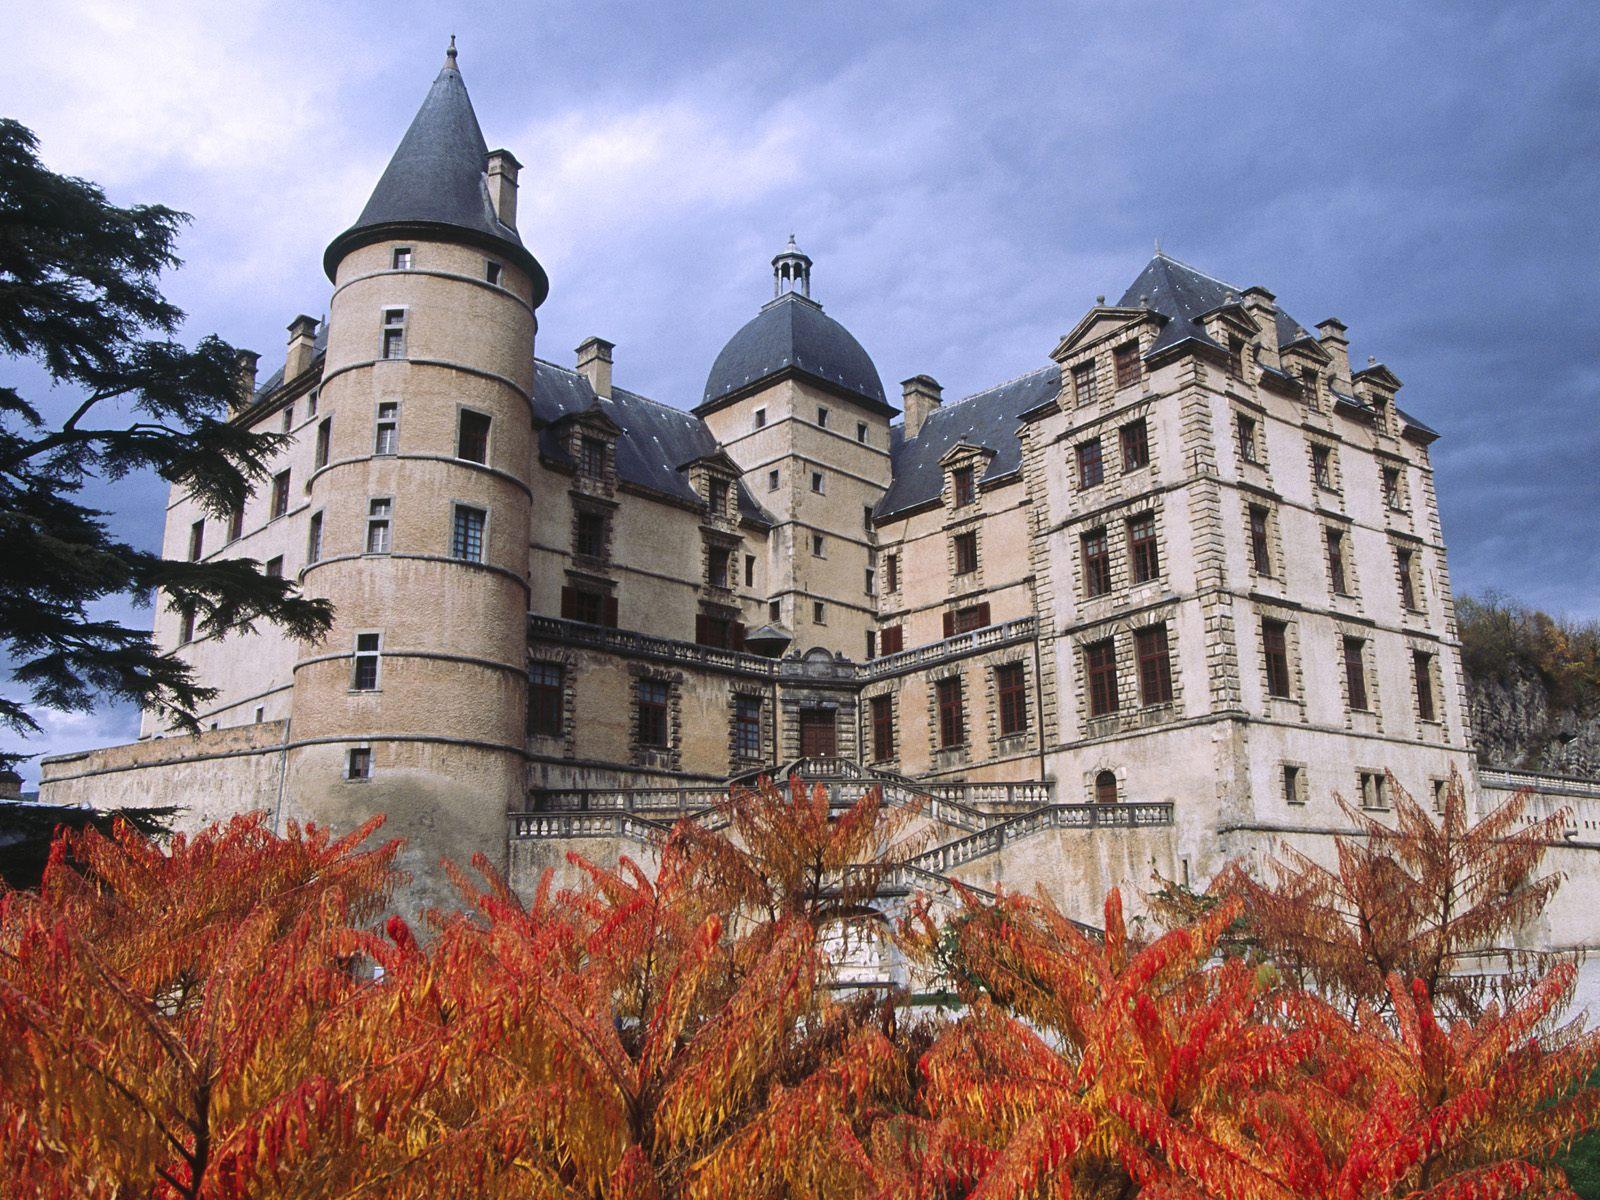 Chateau de castelna clipart #4